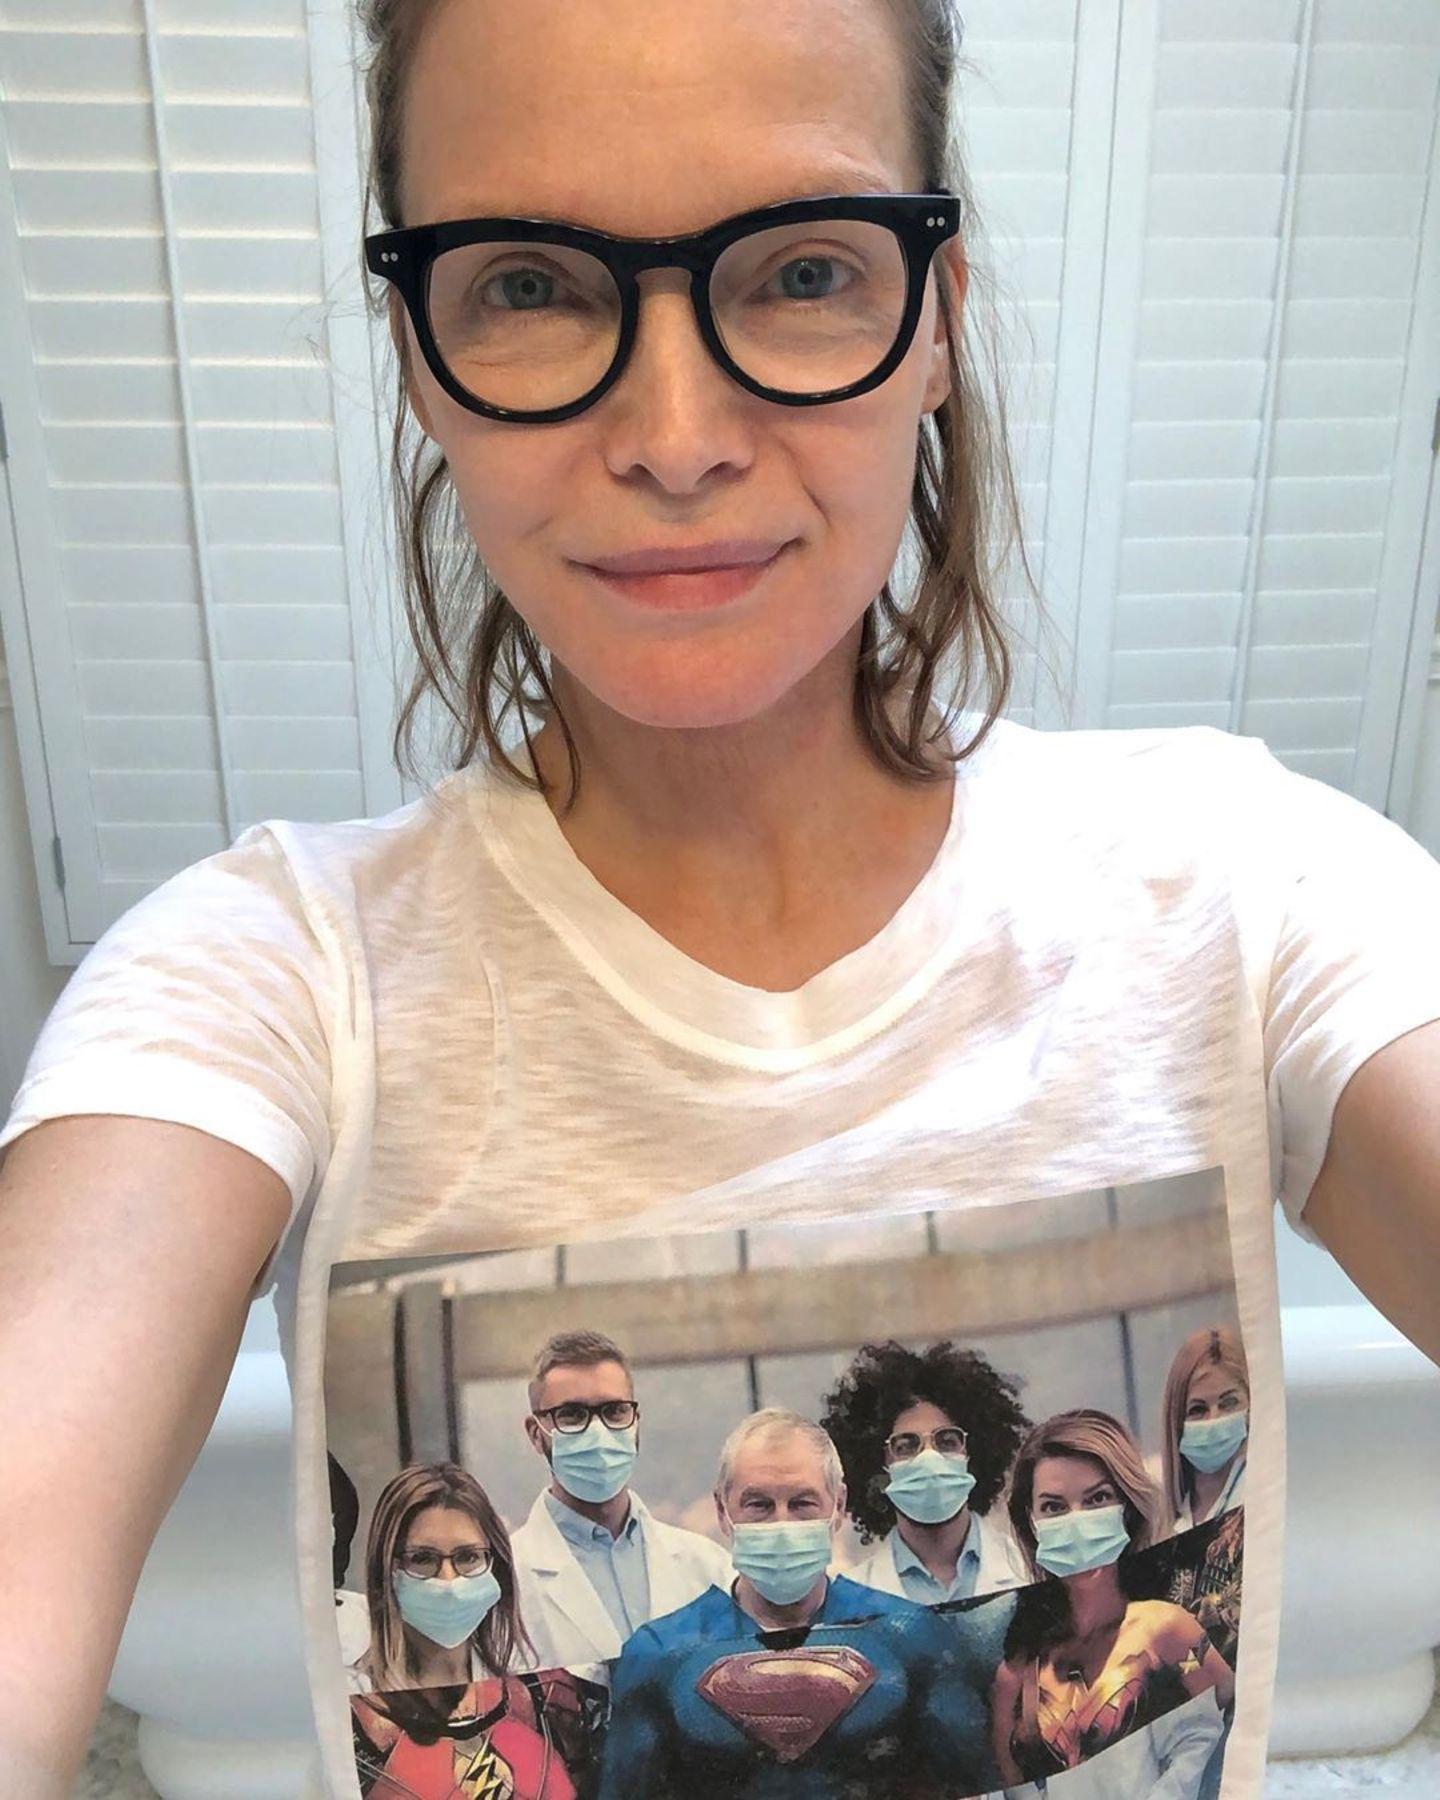 Mit einem bedruckten T-Shirt dankt Michelle Pfeiffer dem Pflegepersonal und allen Ärzten, die sich aufopfernd um die Versorgung Corona-Infizierter kümmern. So viele Menschen wie möglich sollen es ihr gleich tun und mit einem T-Shirt ein Statement abgeben.